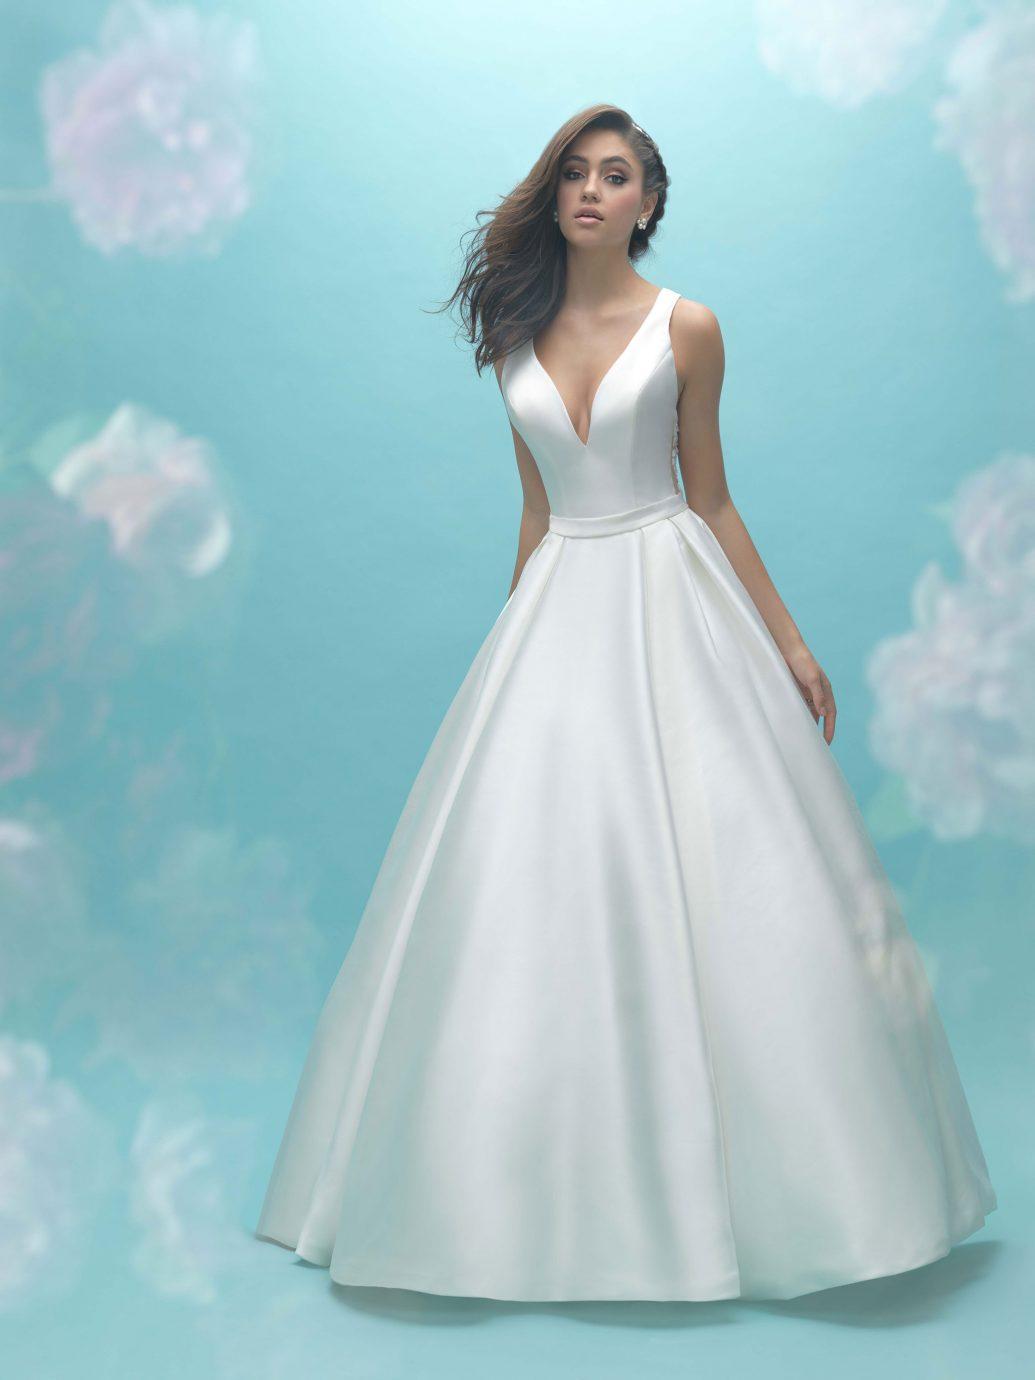 Szatén és mikádó anyag, mely ragyogást ad a menyasszony megjelenésének.